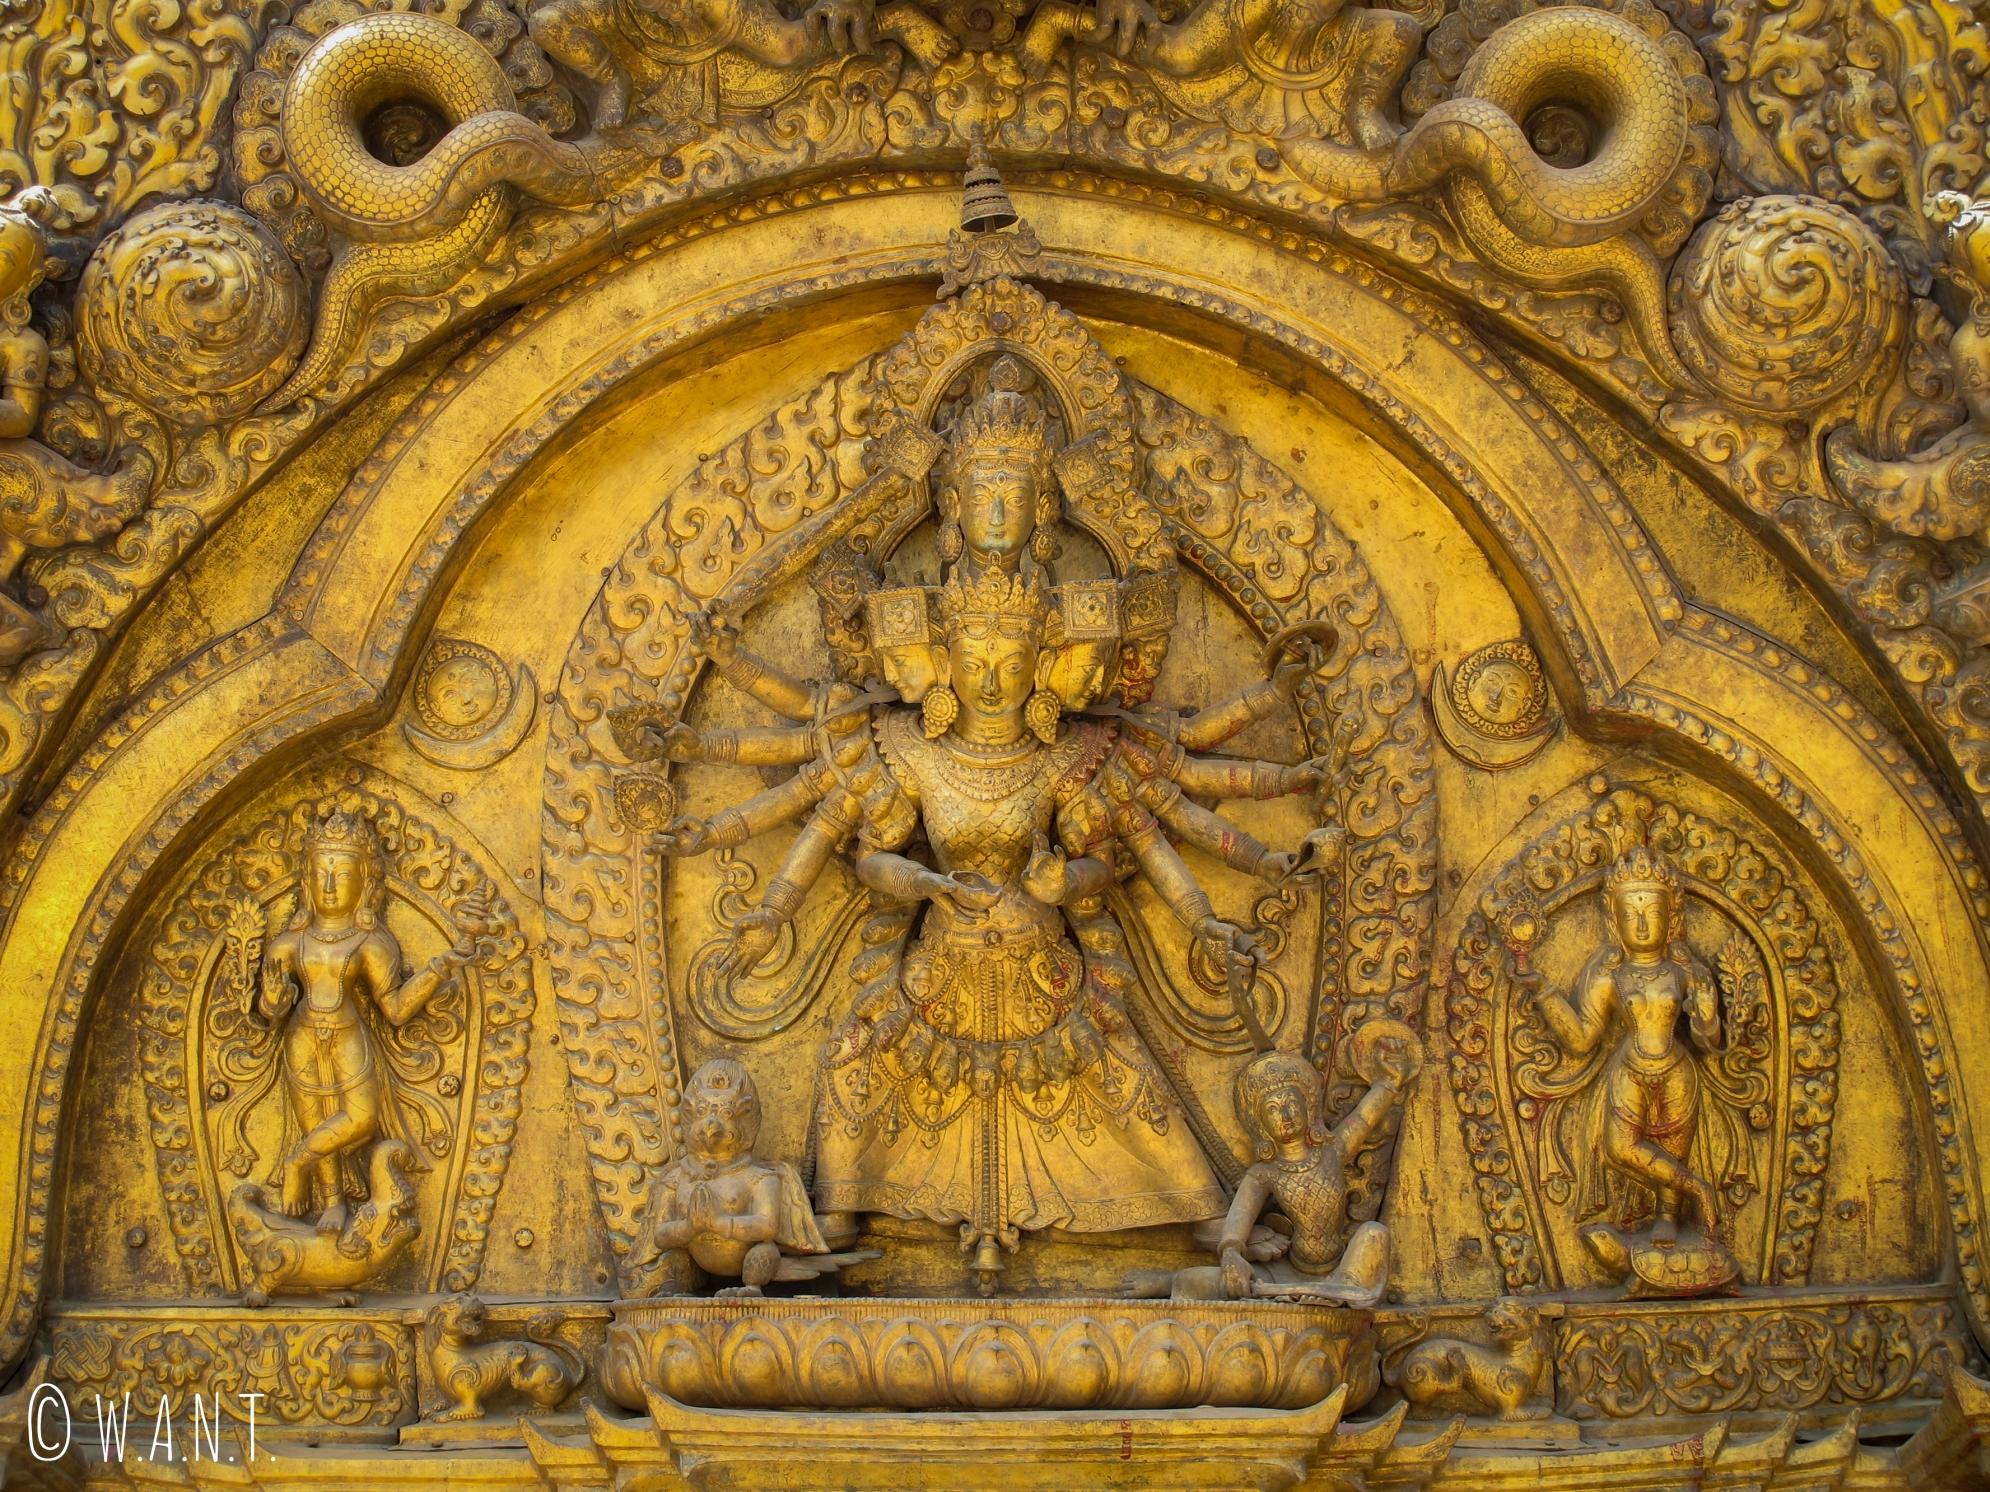 Ornement en or de la porte d'entrée du palais royal de Bhaktapur